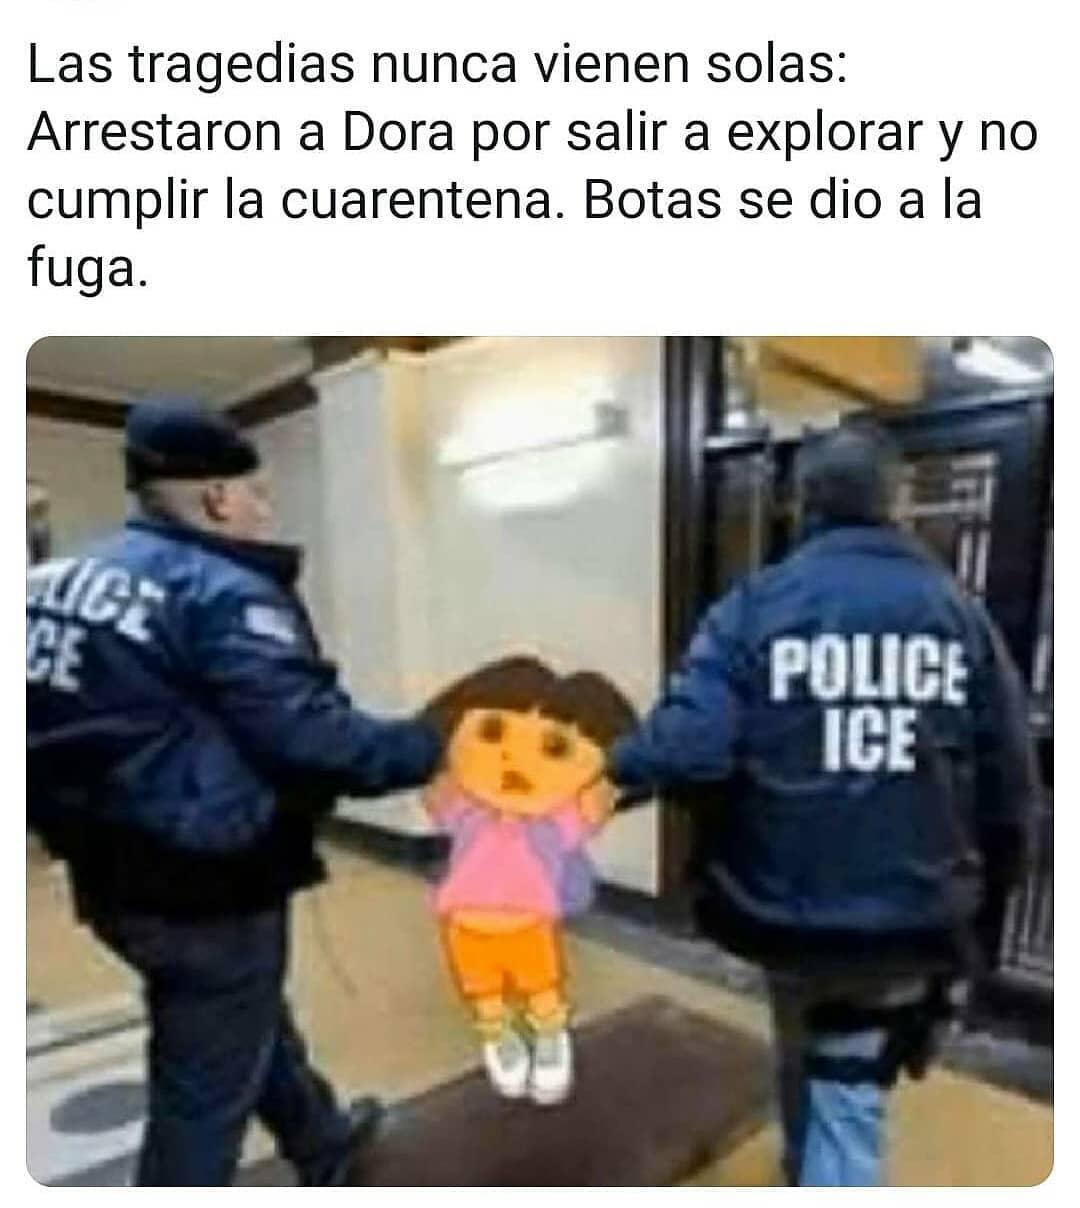 Las tragedias nunca vienen solas: Arrestaron a Dora por salir a explorar y no cumplir la cuarentena.  Botas se dio a la fuga.